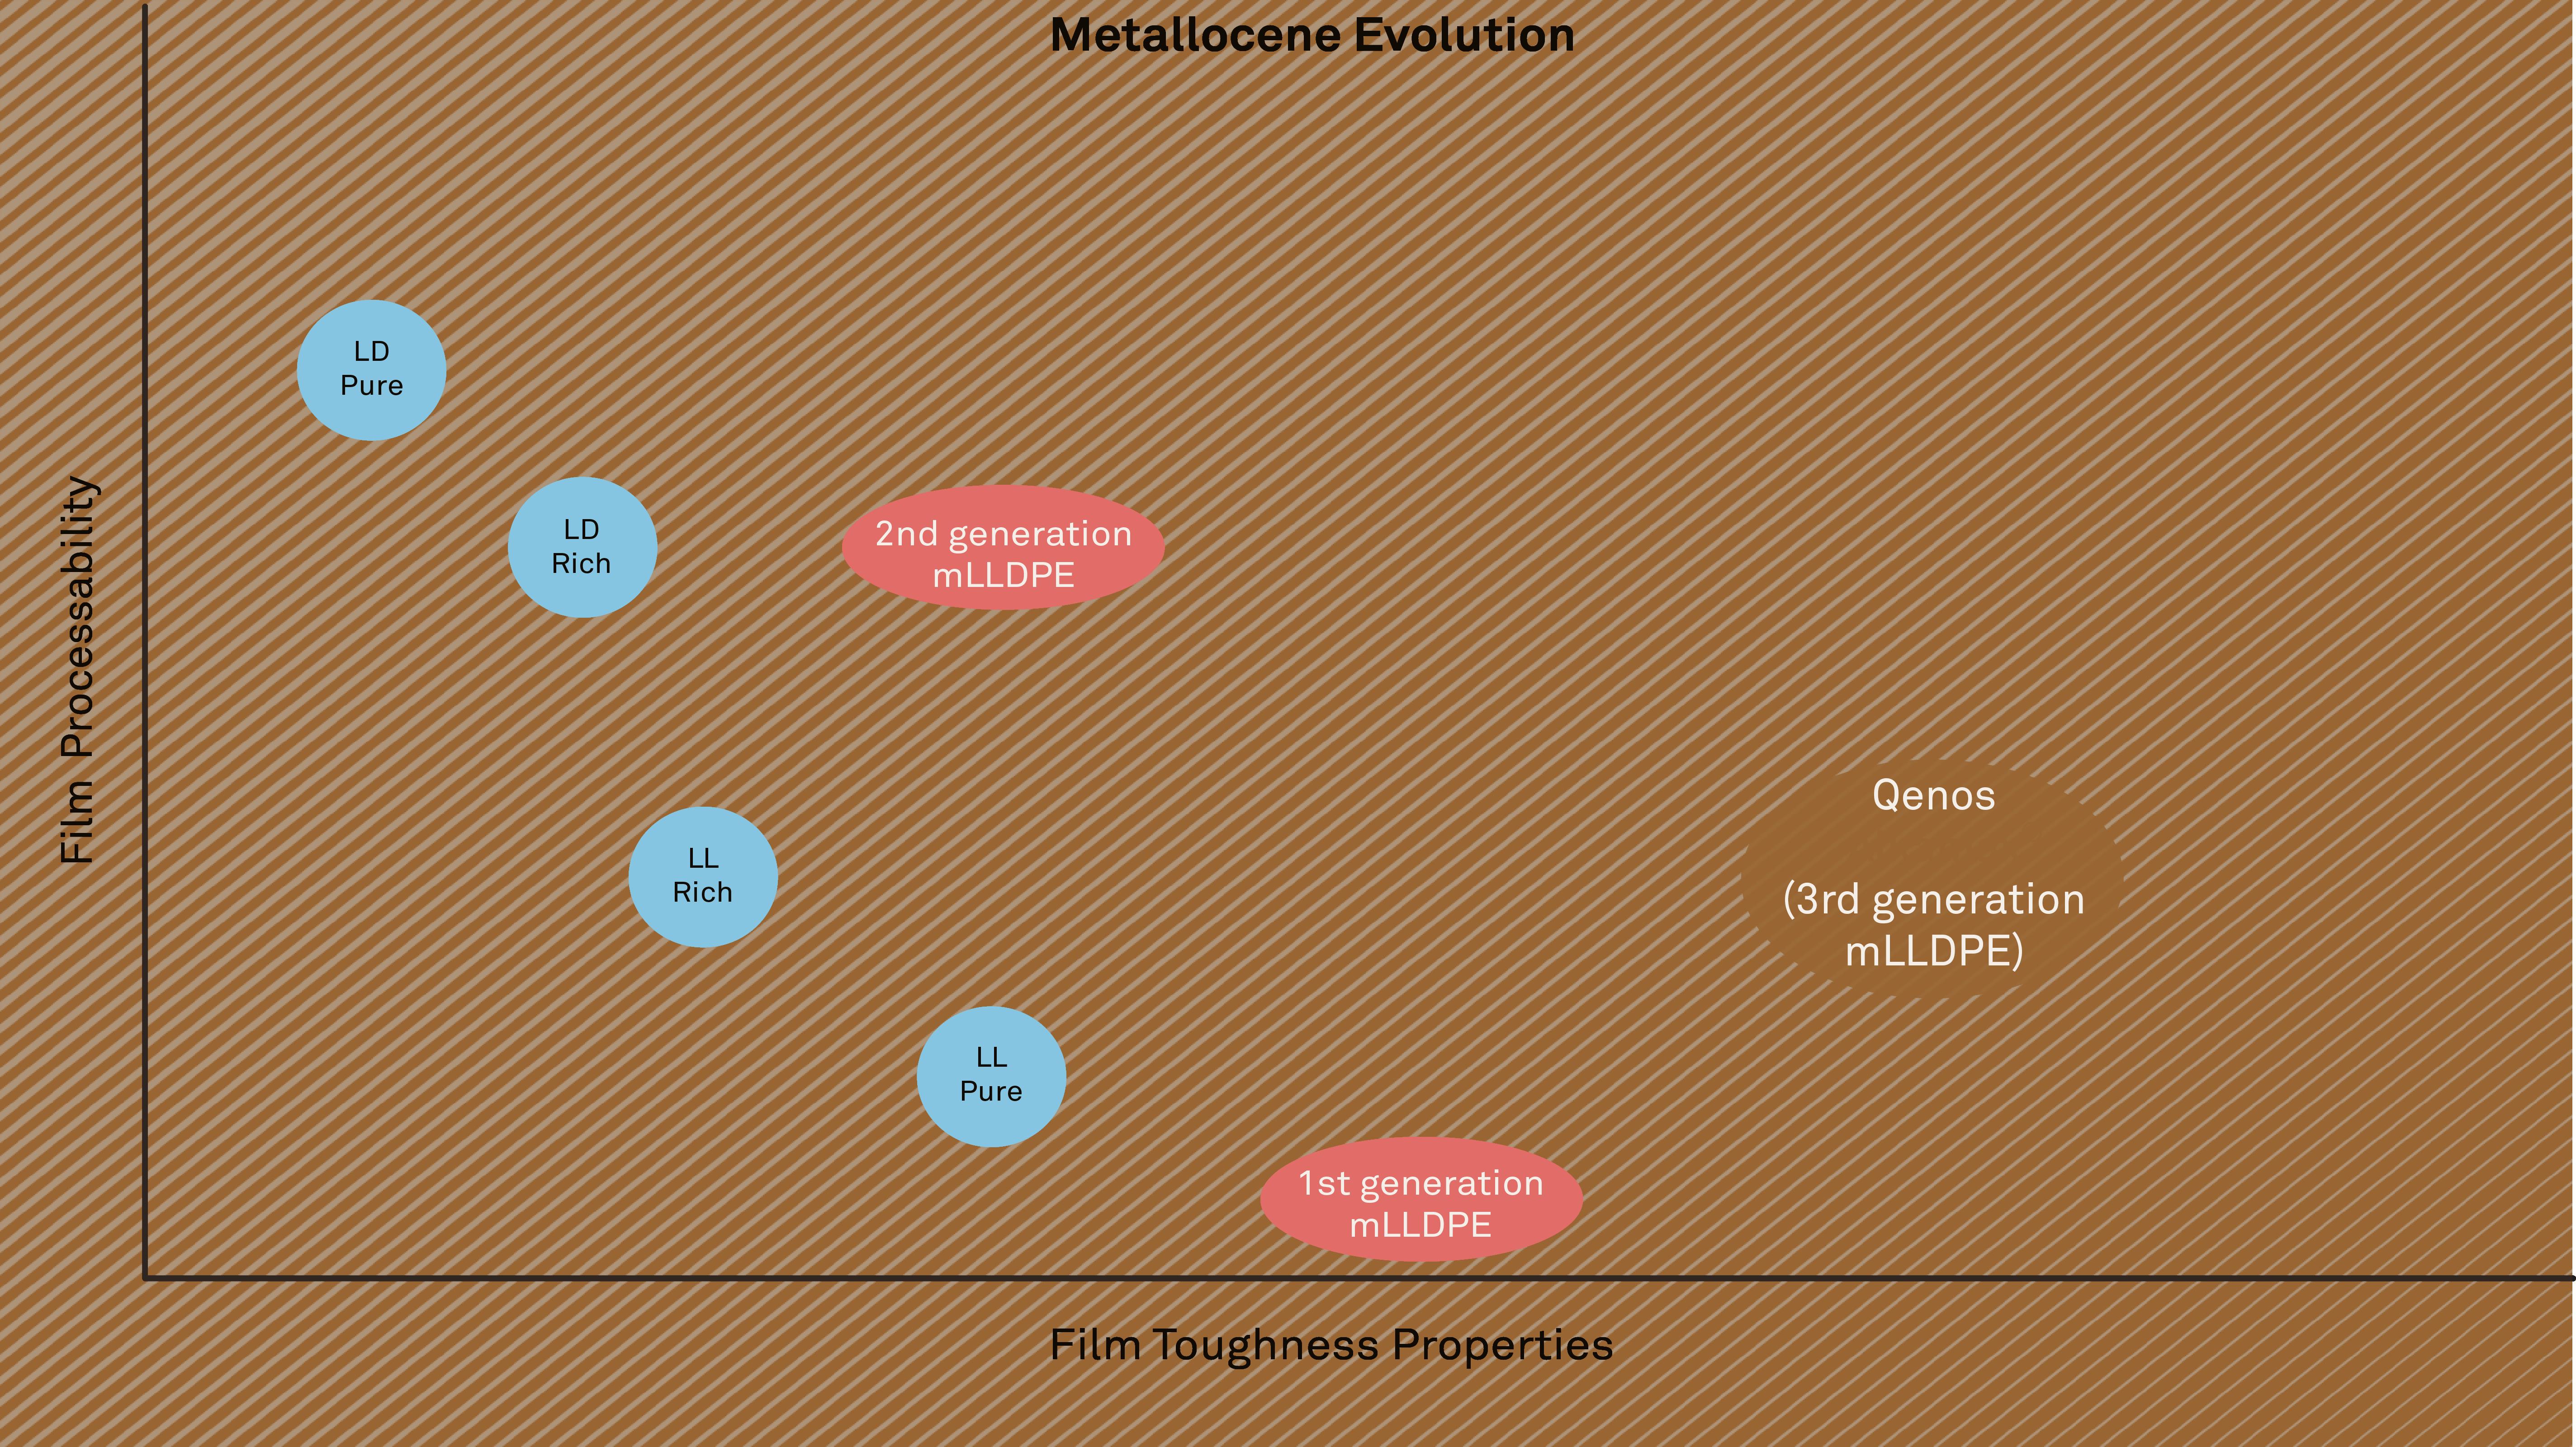 alkamax-metallocene-evolution-diagram